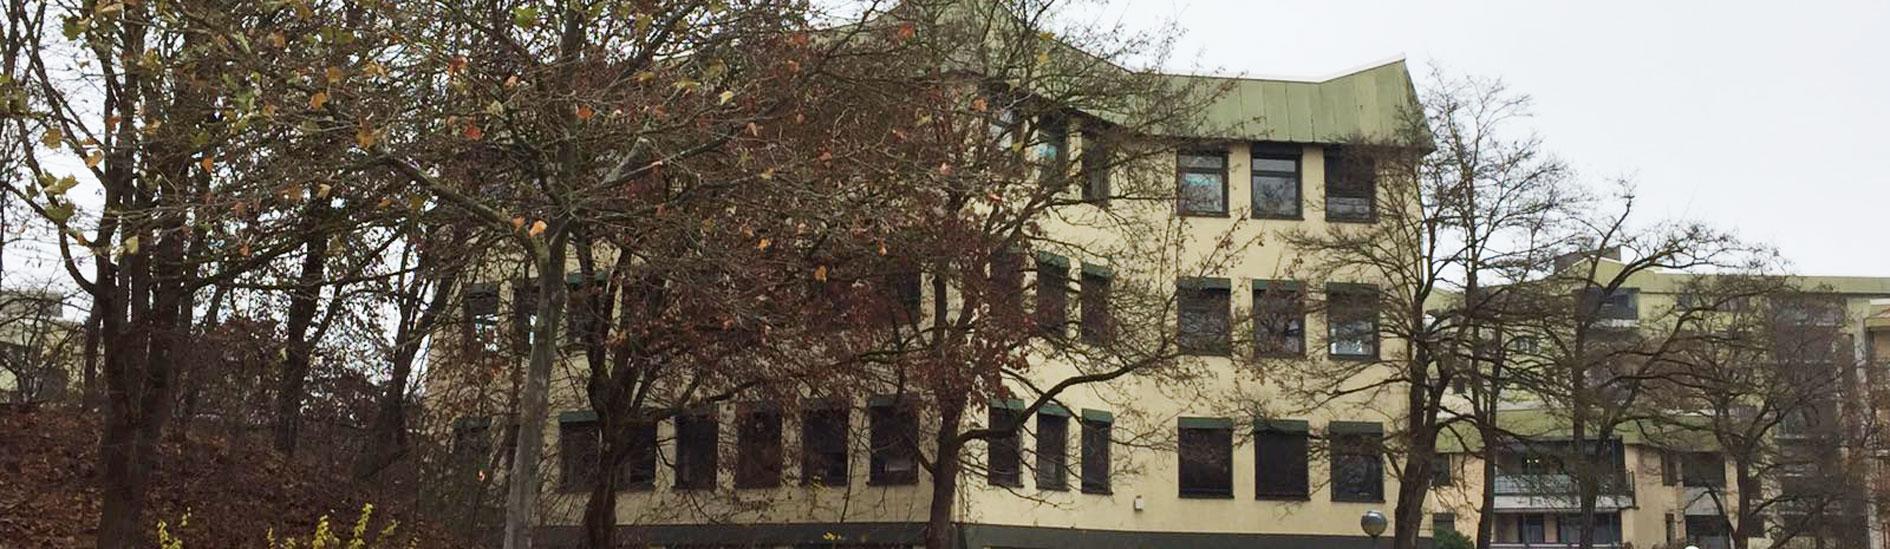 Hier ist das Gebäude der Zahnarztpraxis Dr. Kübler abgebildet.